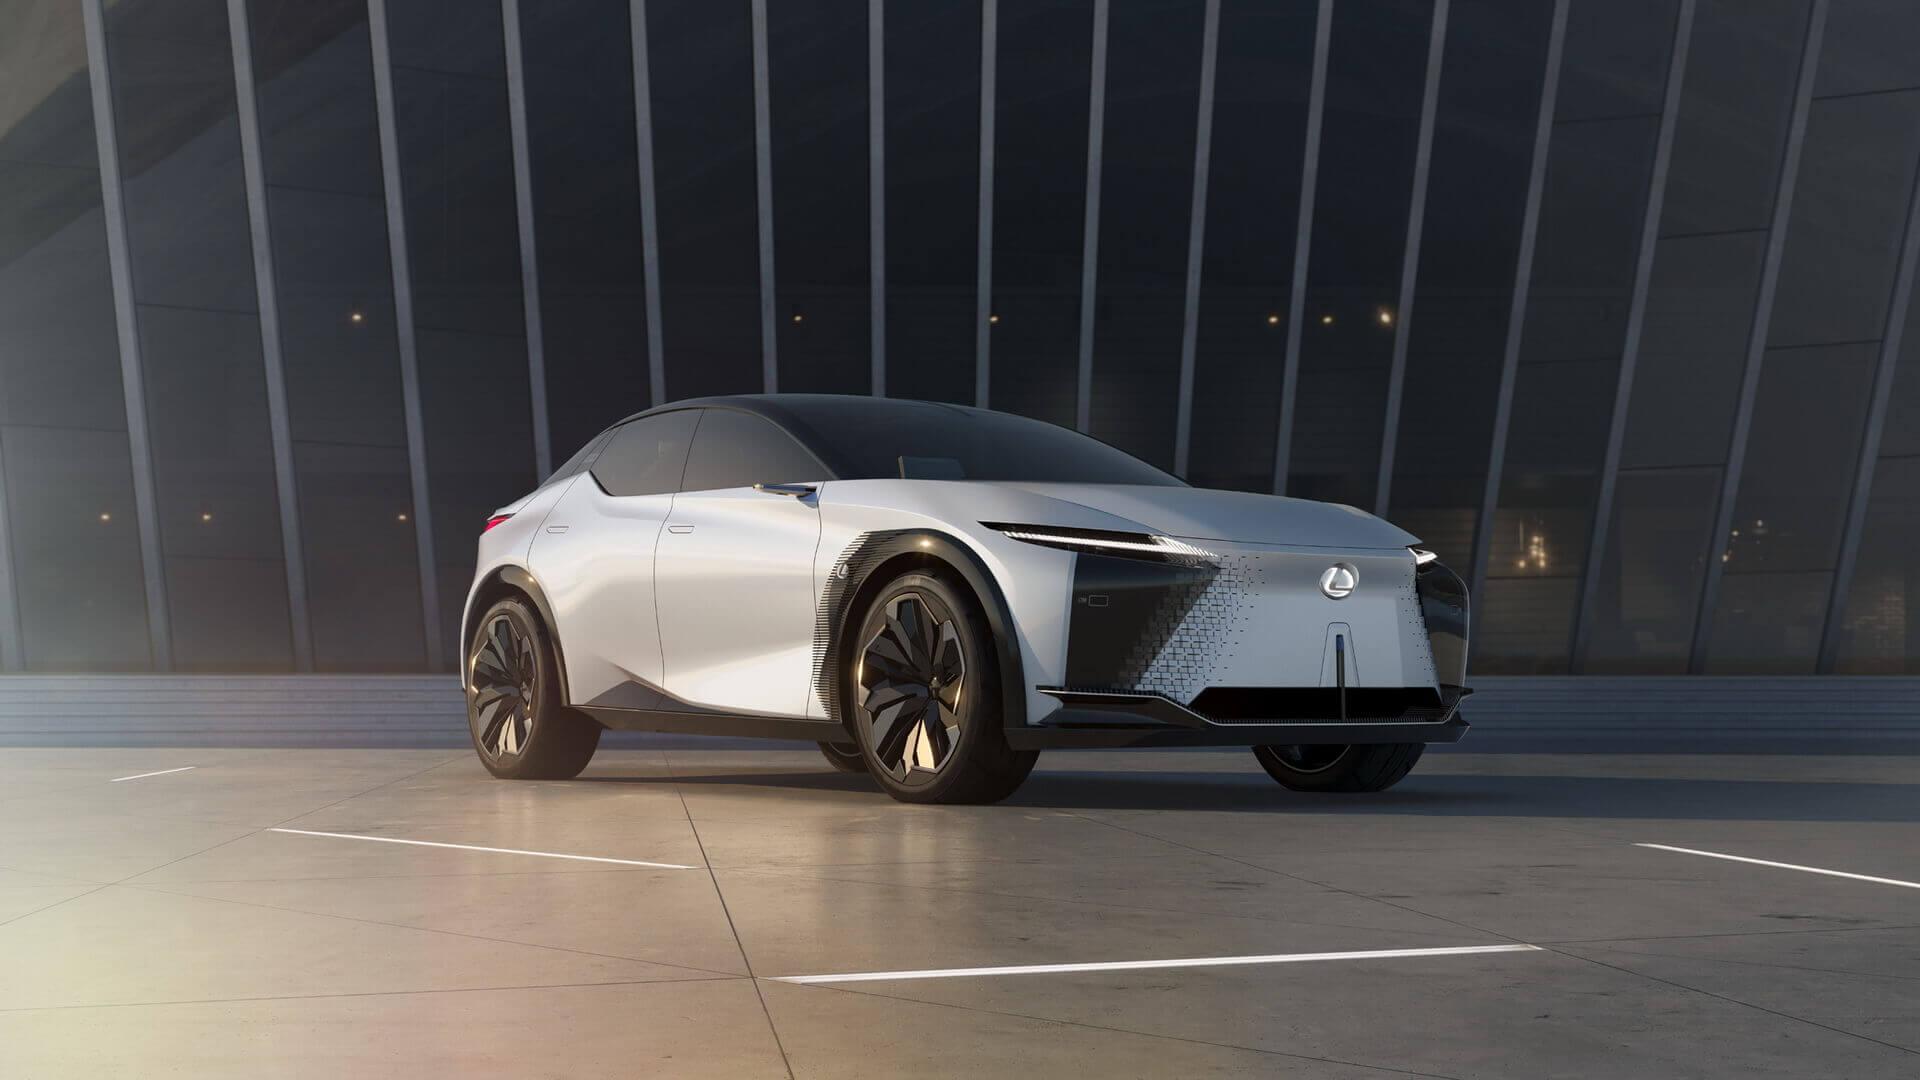 Концепт Lexus LF-Z Electrified заявляет о приверженности электромобилям и спортивности